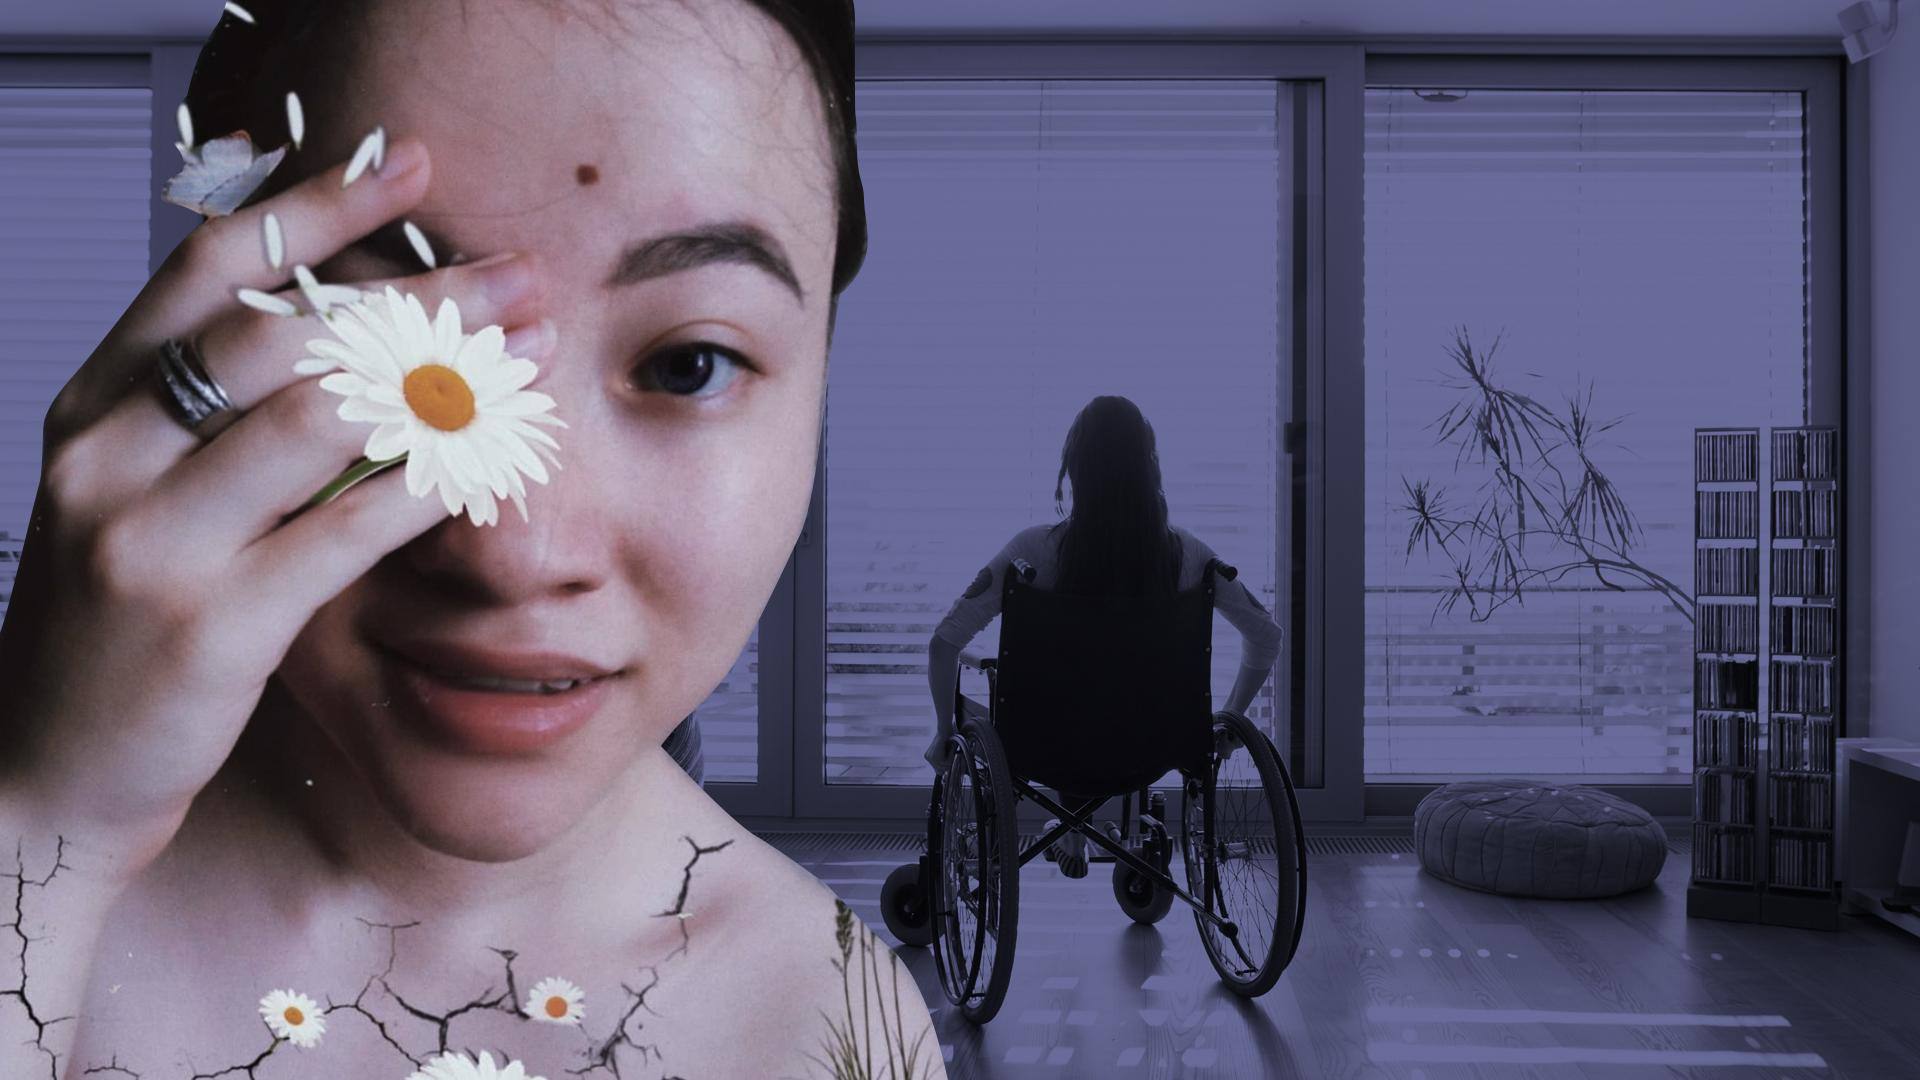 Сексу и спорту ДЦП не мешает: девушка с инвалидностью рассказала, как наслаждаться жизнью, несмотря на ограничения